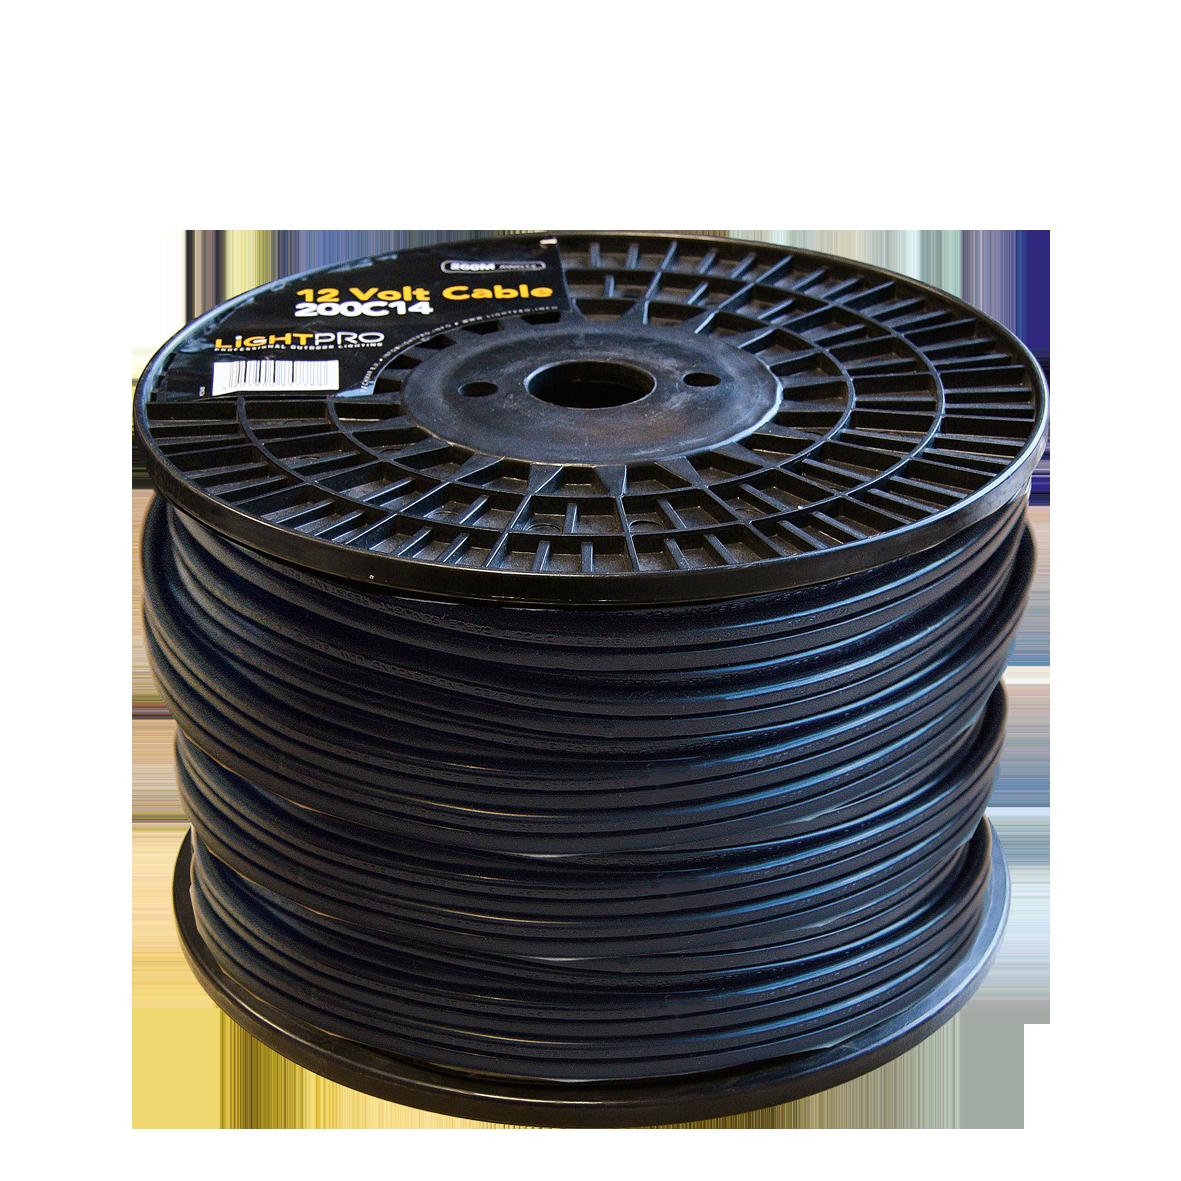 Kabel 200m 12v